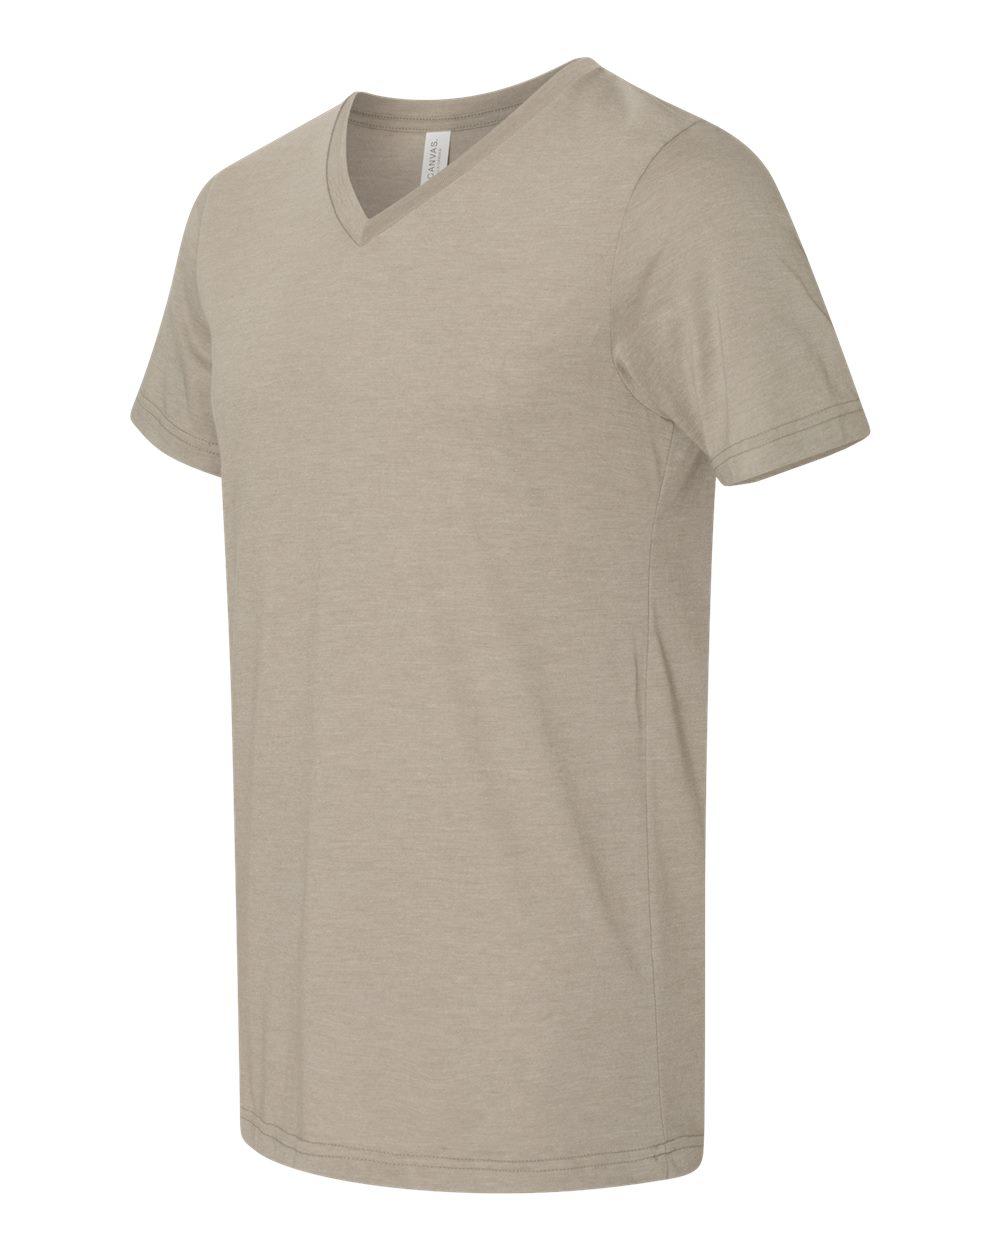 Bella-Canvas-Men-039-s-Jersey-Short-Sleeve-V-Neck-T-Shirt-3005-XS-3XL thumbnail 127